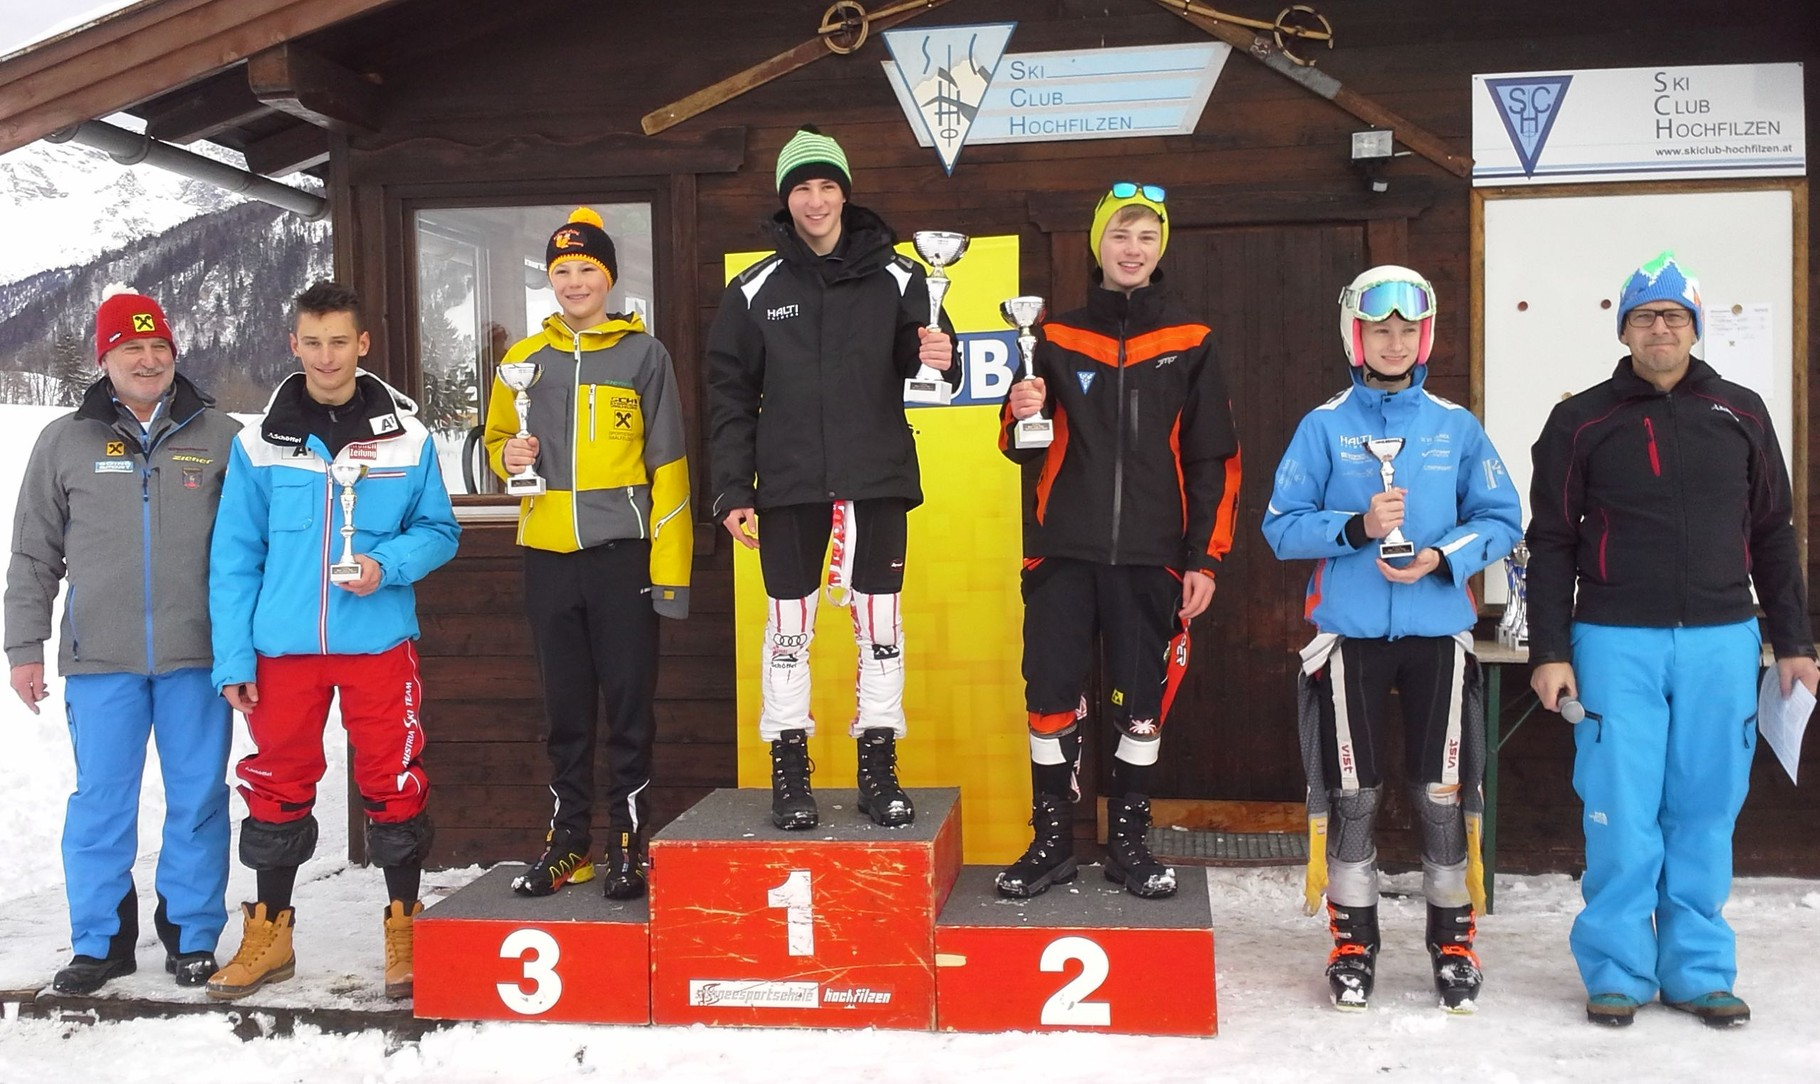 2. Rang für Thomas Prosch, 4. Rang für Roland Asslaber und 5. für Florian Pirnbacher